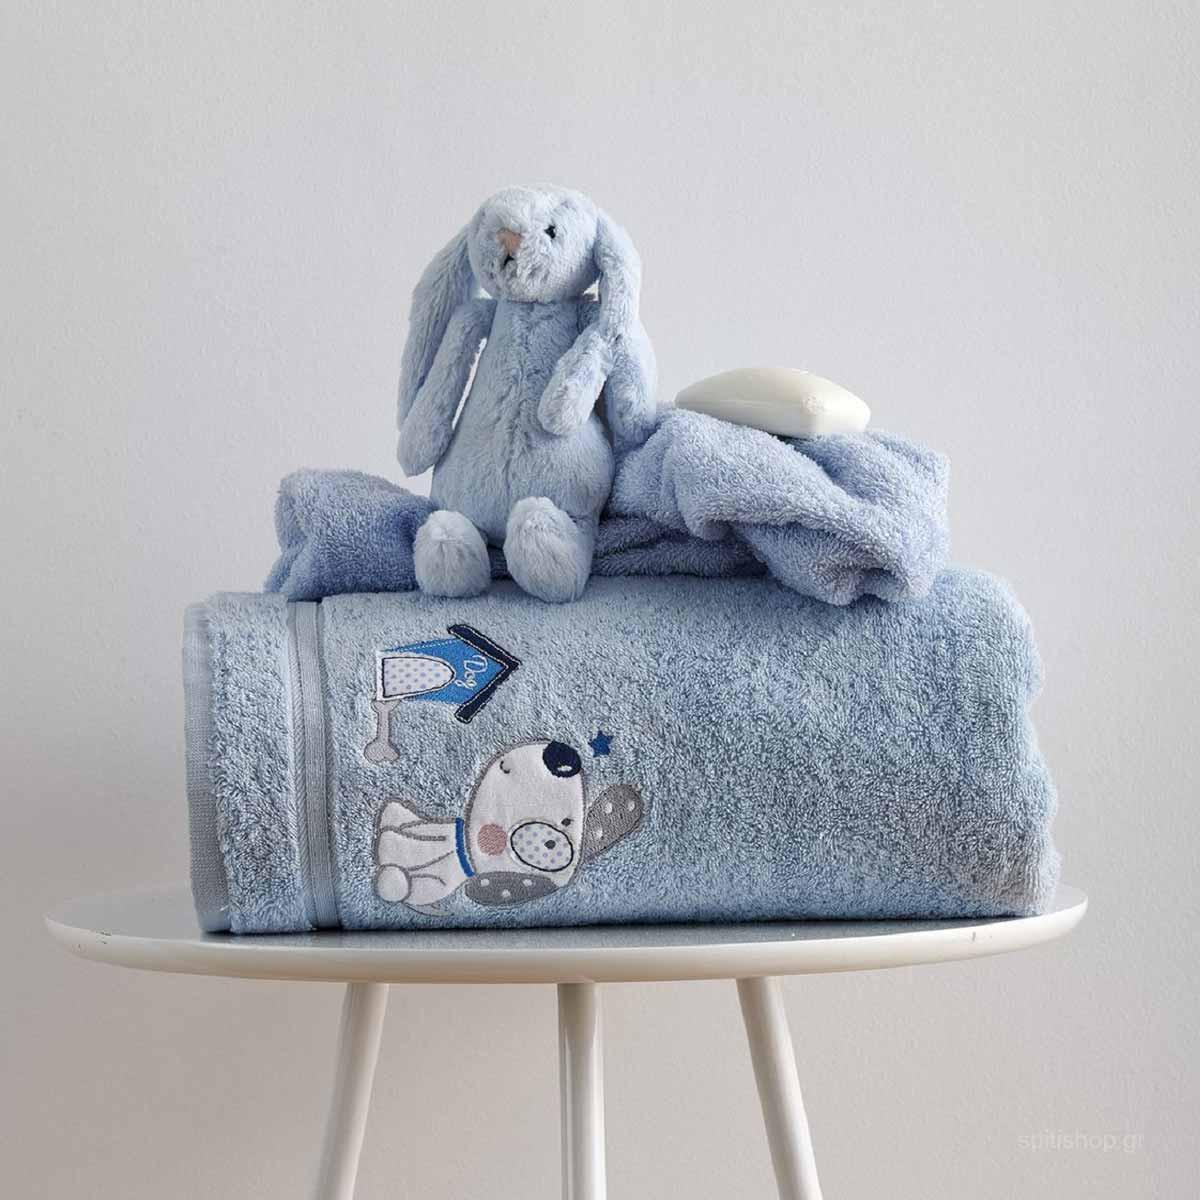 Βρεφικές Πετσέτες (Σετ 2τμχ) Sb Home Baby Puppy Blue